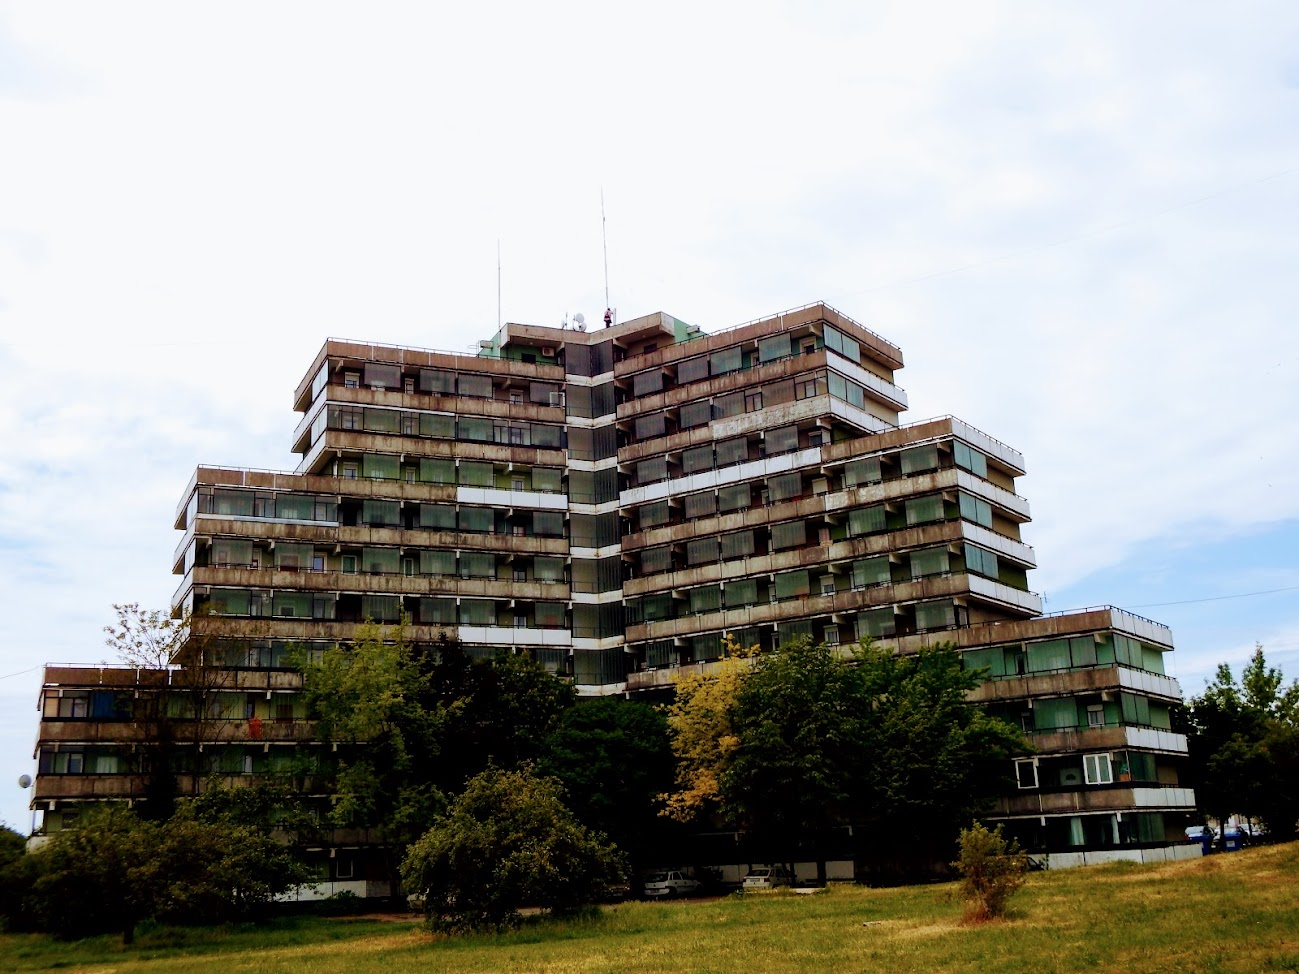 Tapolca/toronyház, Kazincy tér 11. - helyi URH-FM adóállomás